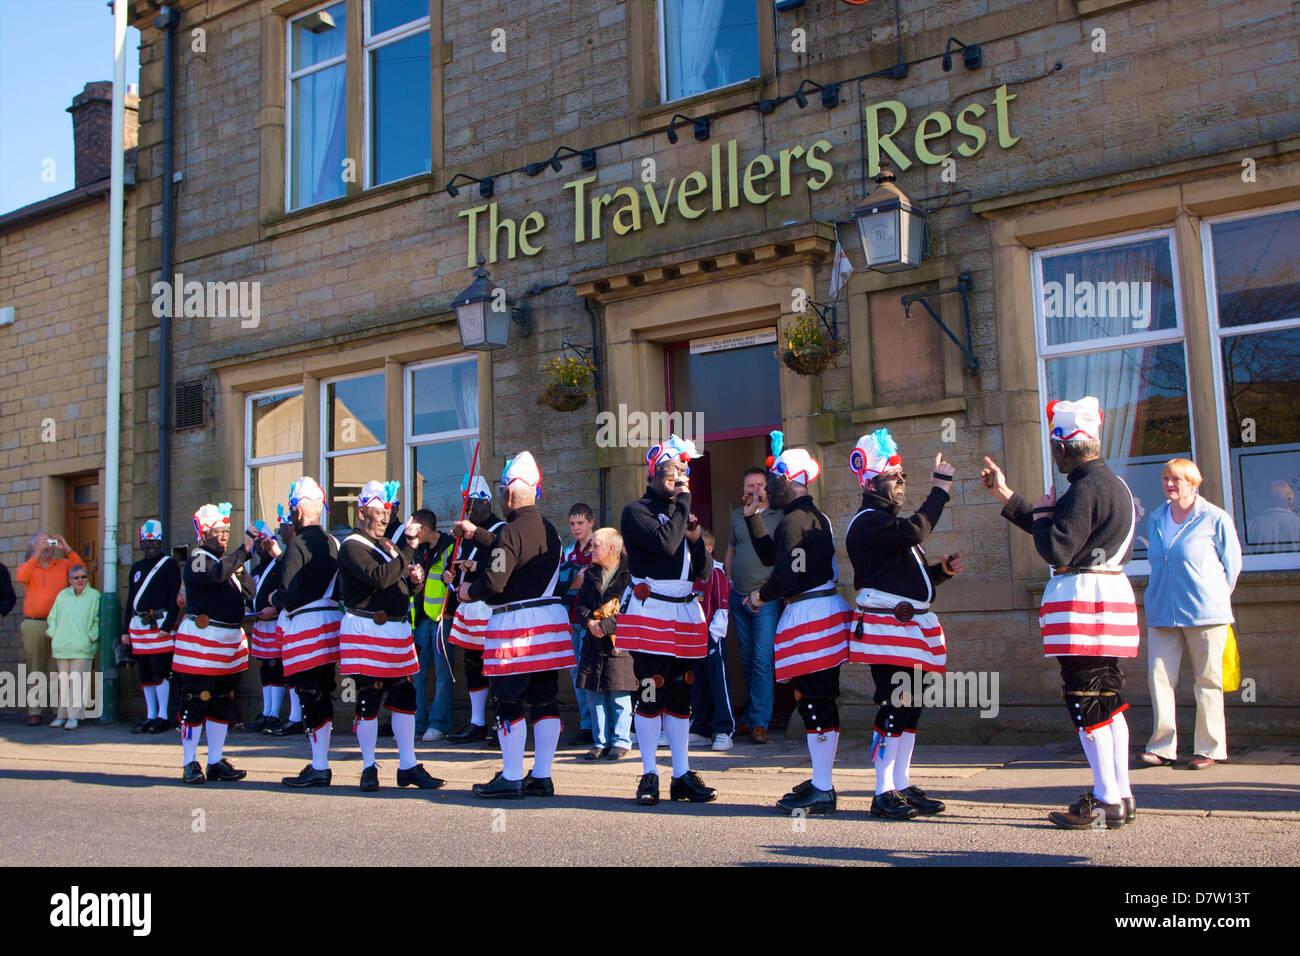 Bailarines de coco Tradicional Procesión de Sábado Santo, Bacup, Lancashire, Inglaterra, Reino Unido Imagen De Stock